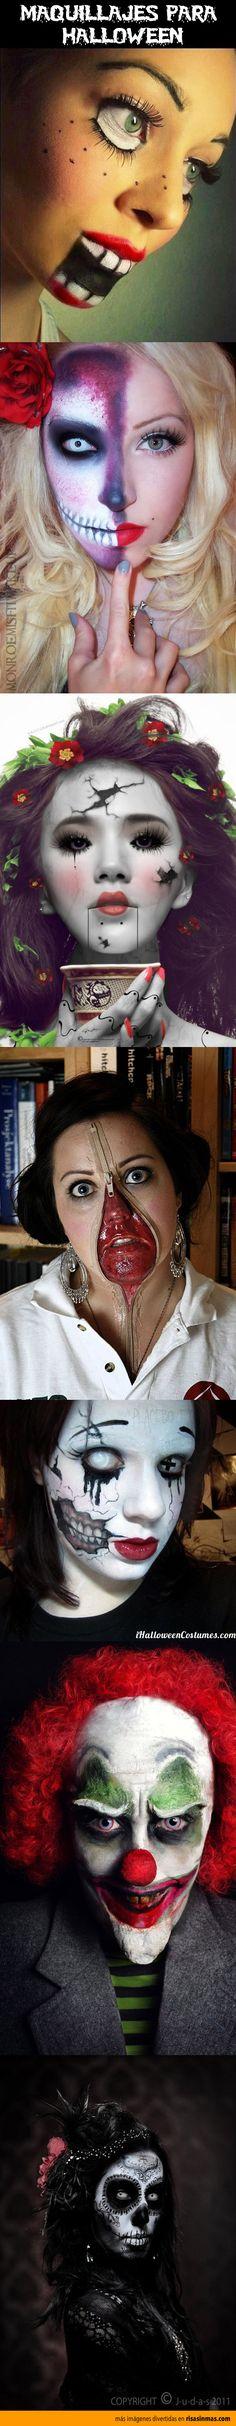 Recopilación de los mejores maquillajes para Halloween.